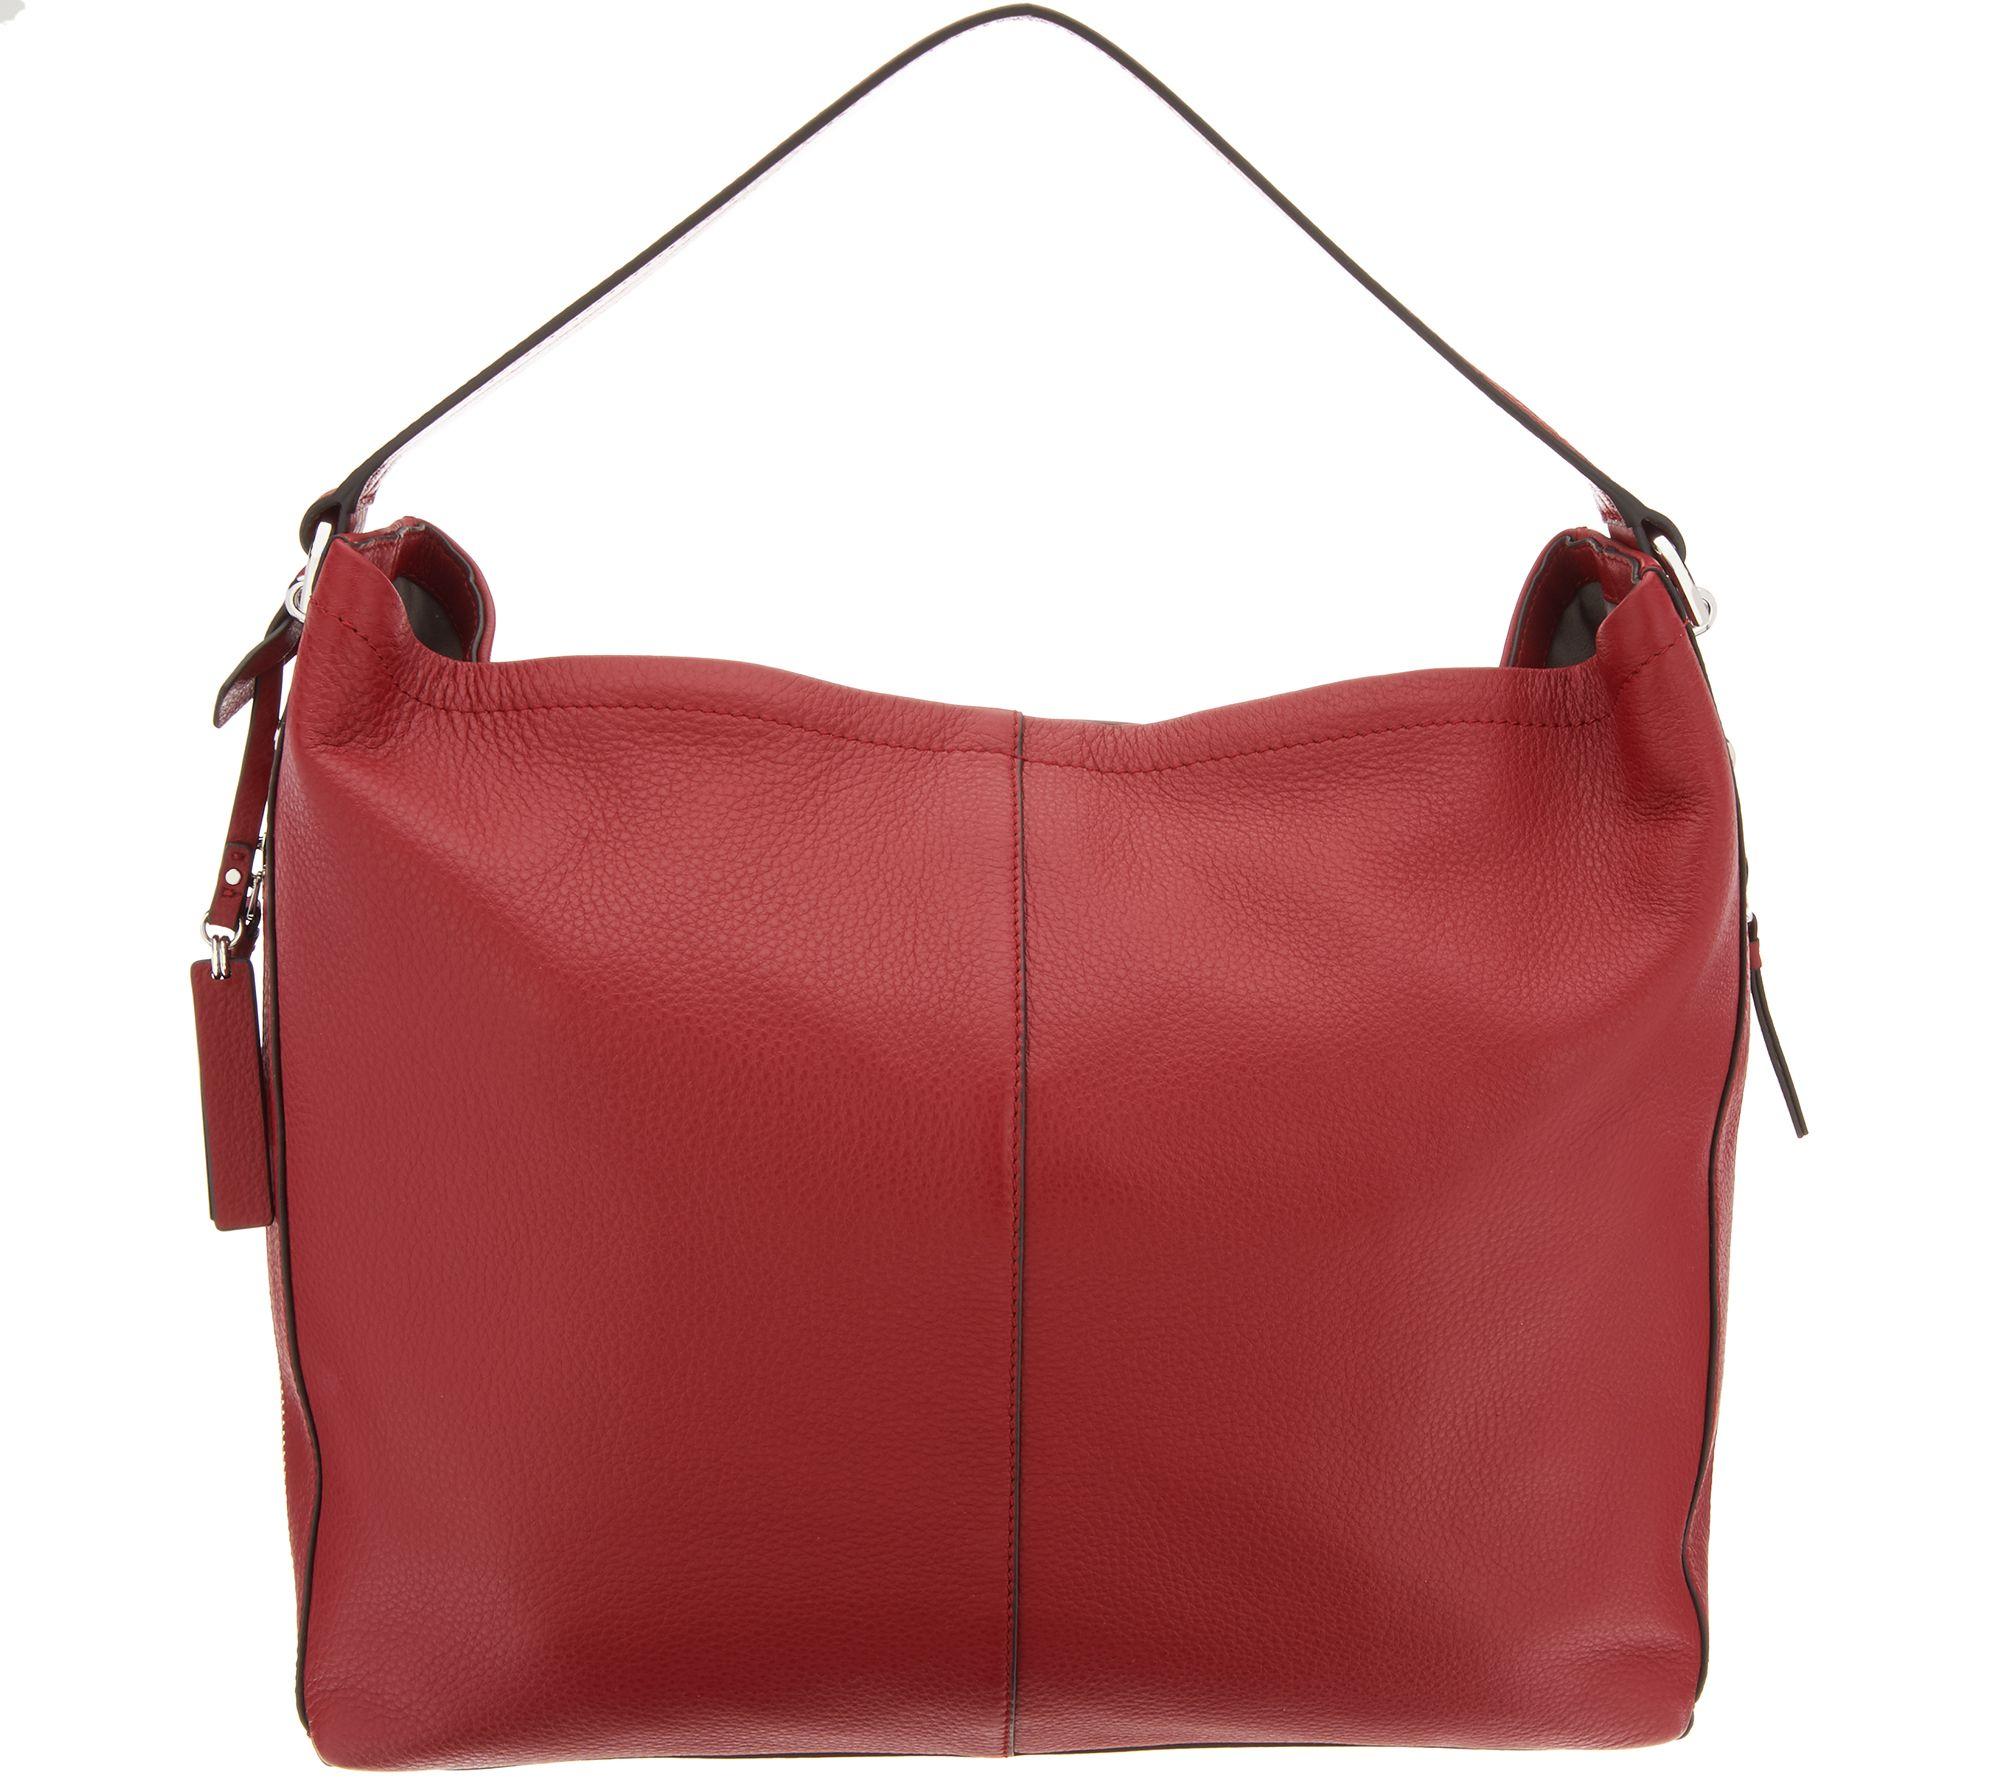 9961f1e020 Vince Camuto Leather Hobo Handbag - Leany - Page 1 — QVC.com